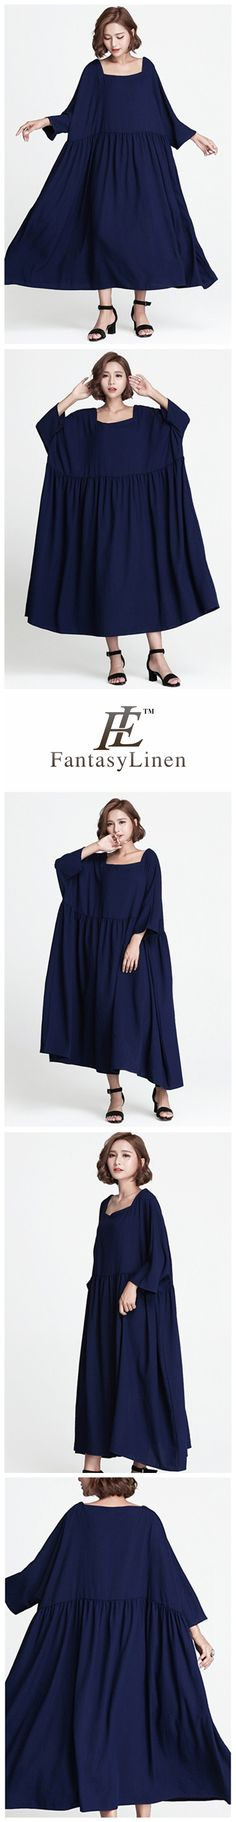 Blue Plus Size Loose Long Casual Cotton Dress Women Clothes Q7843